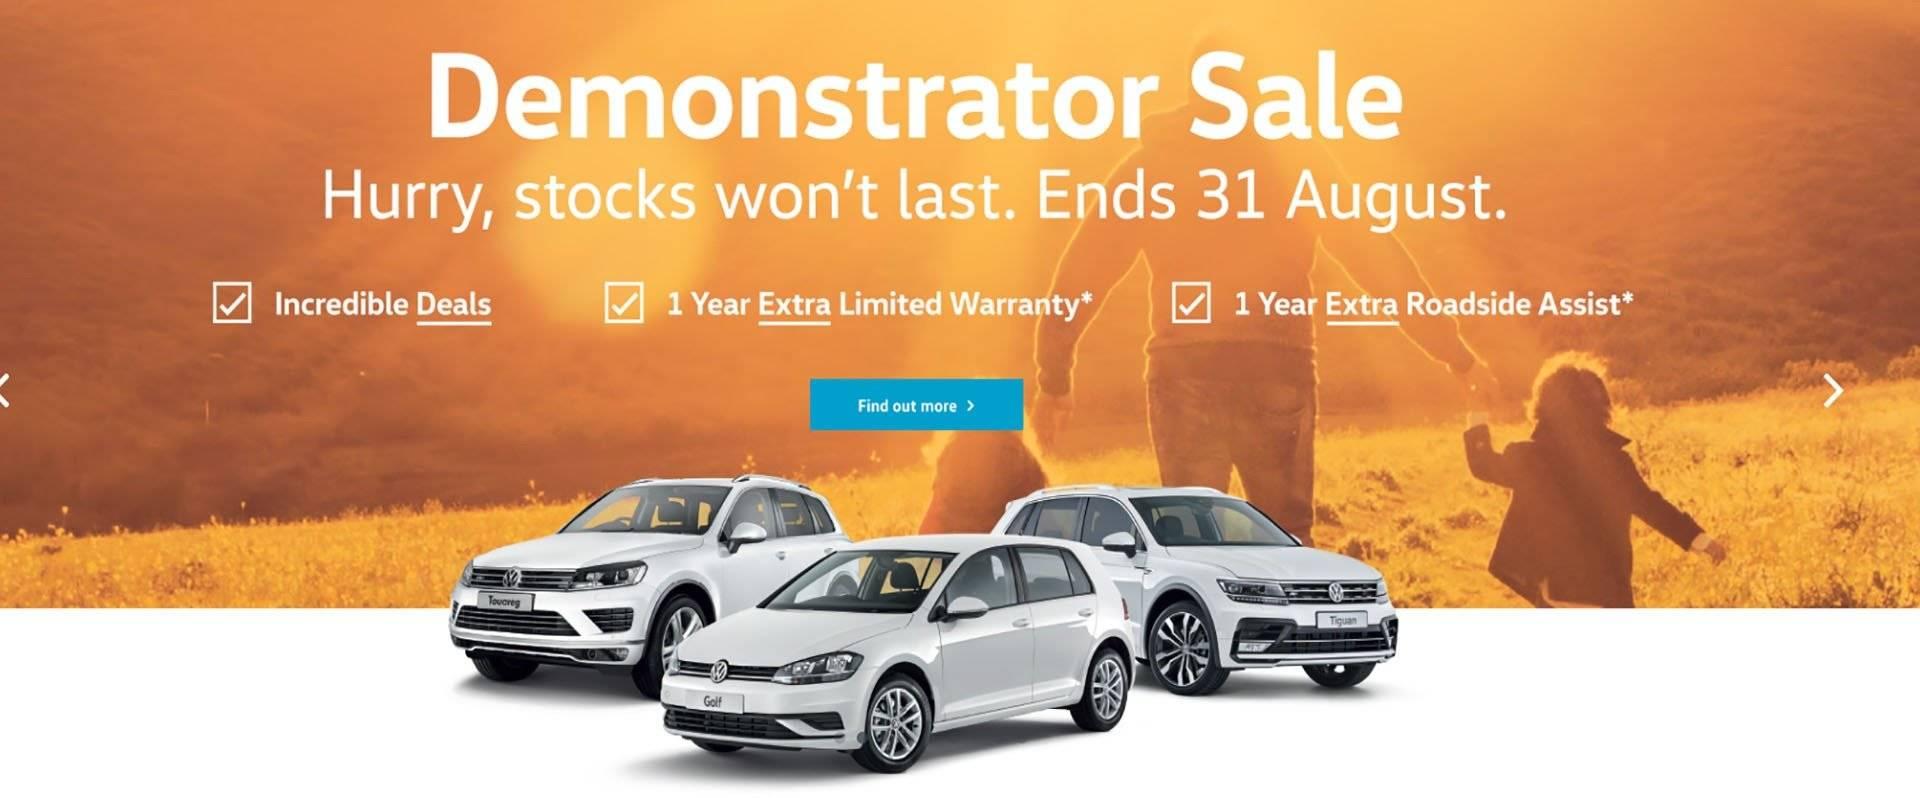 FTG Volkswagen - Demonstrator Sale